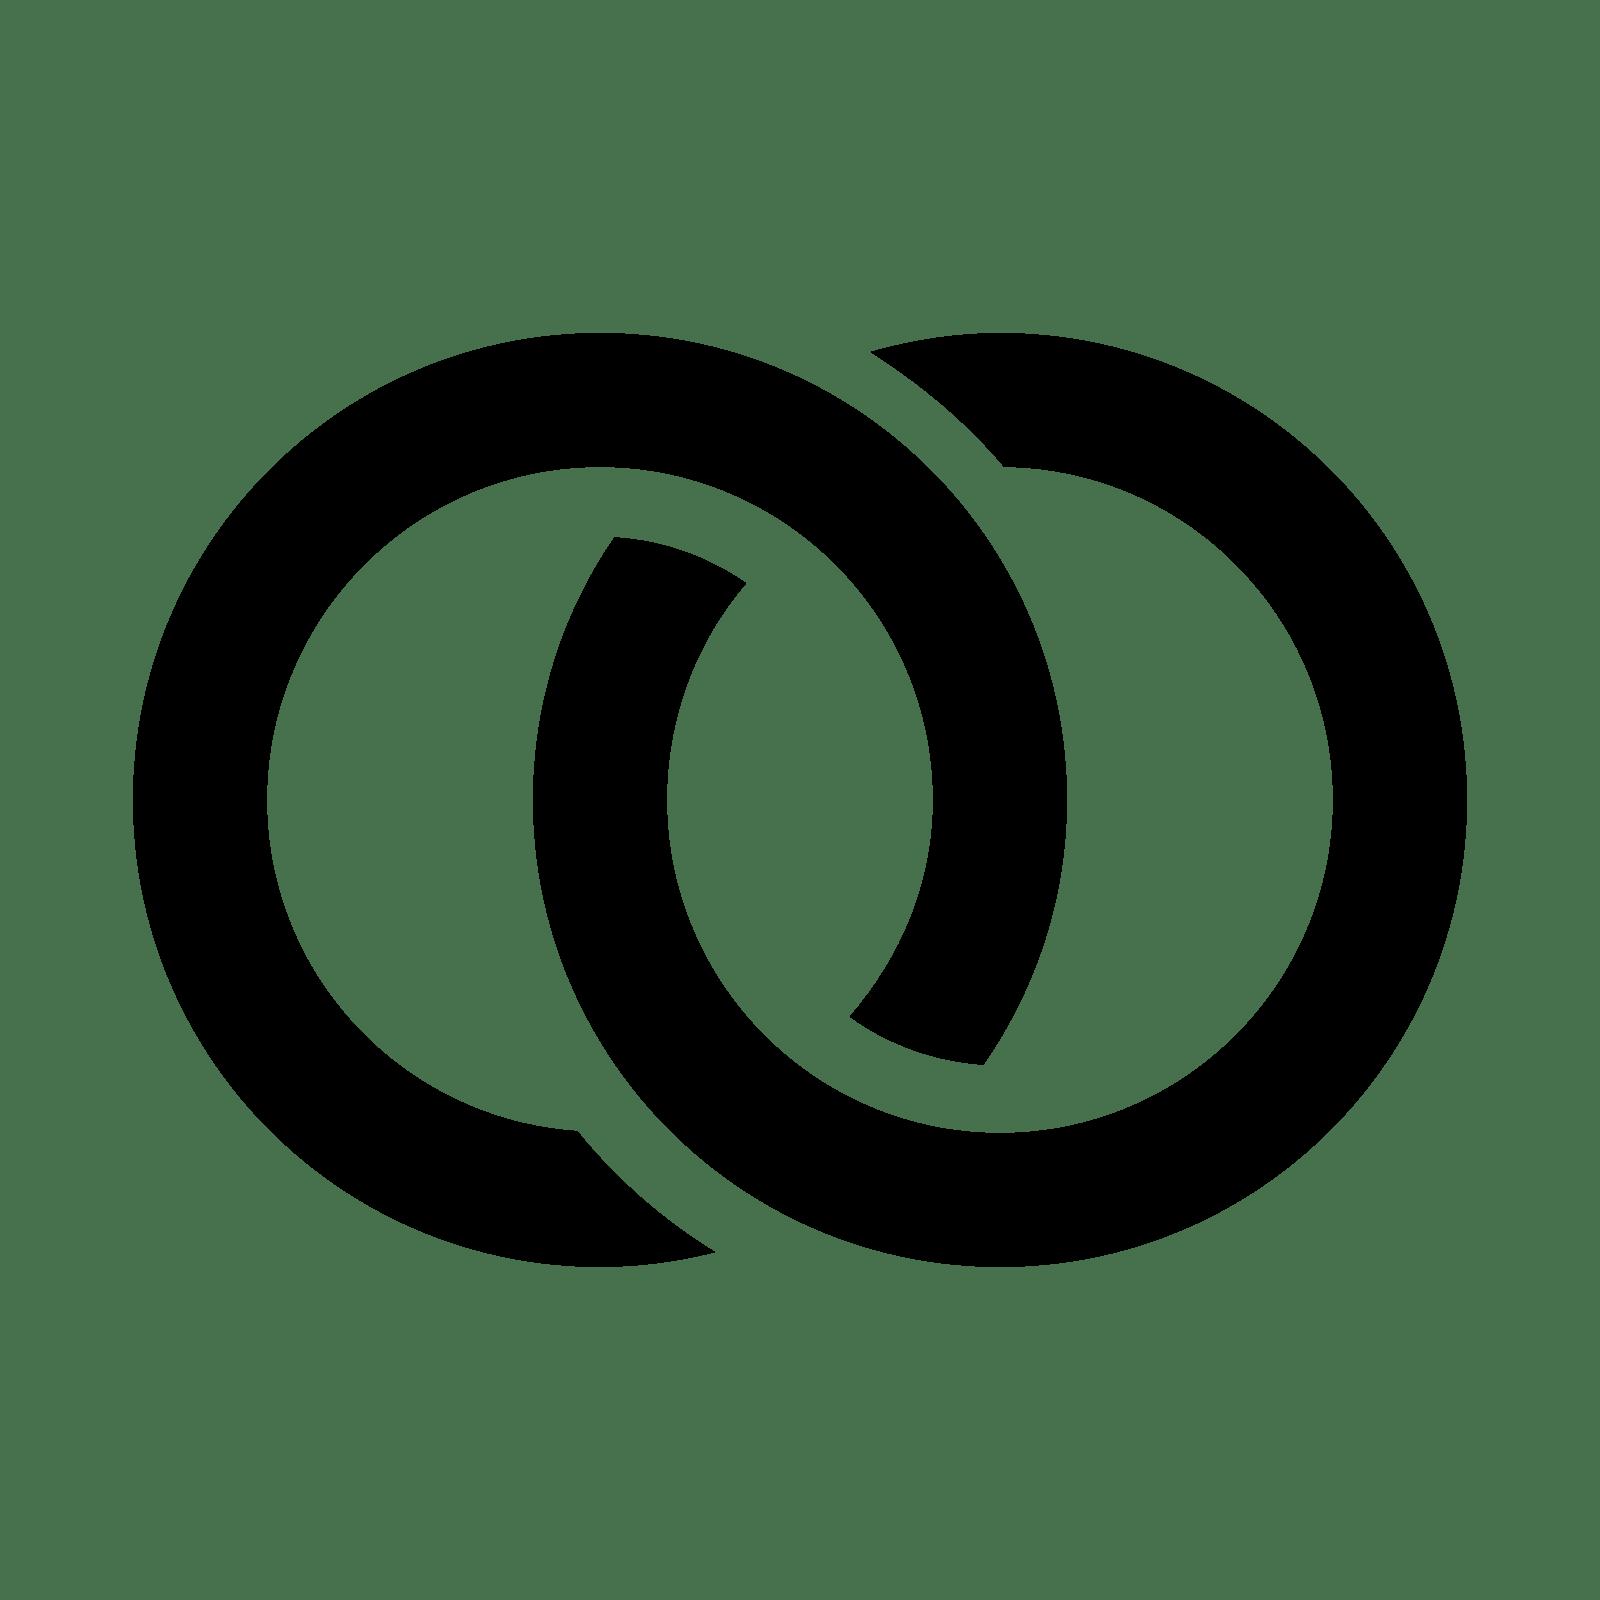 Eheringe Symbol PNG Transparent Eheringe Symbol.PNG Images